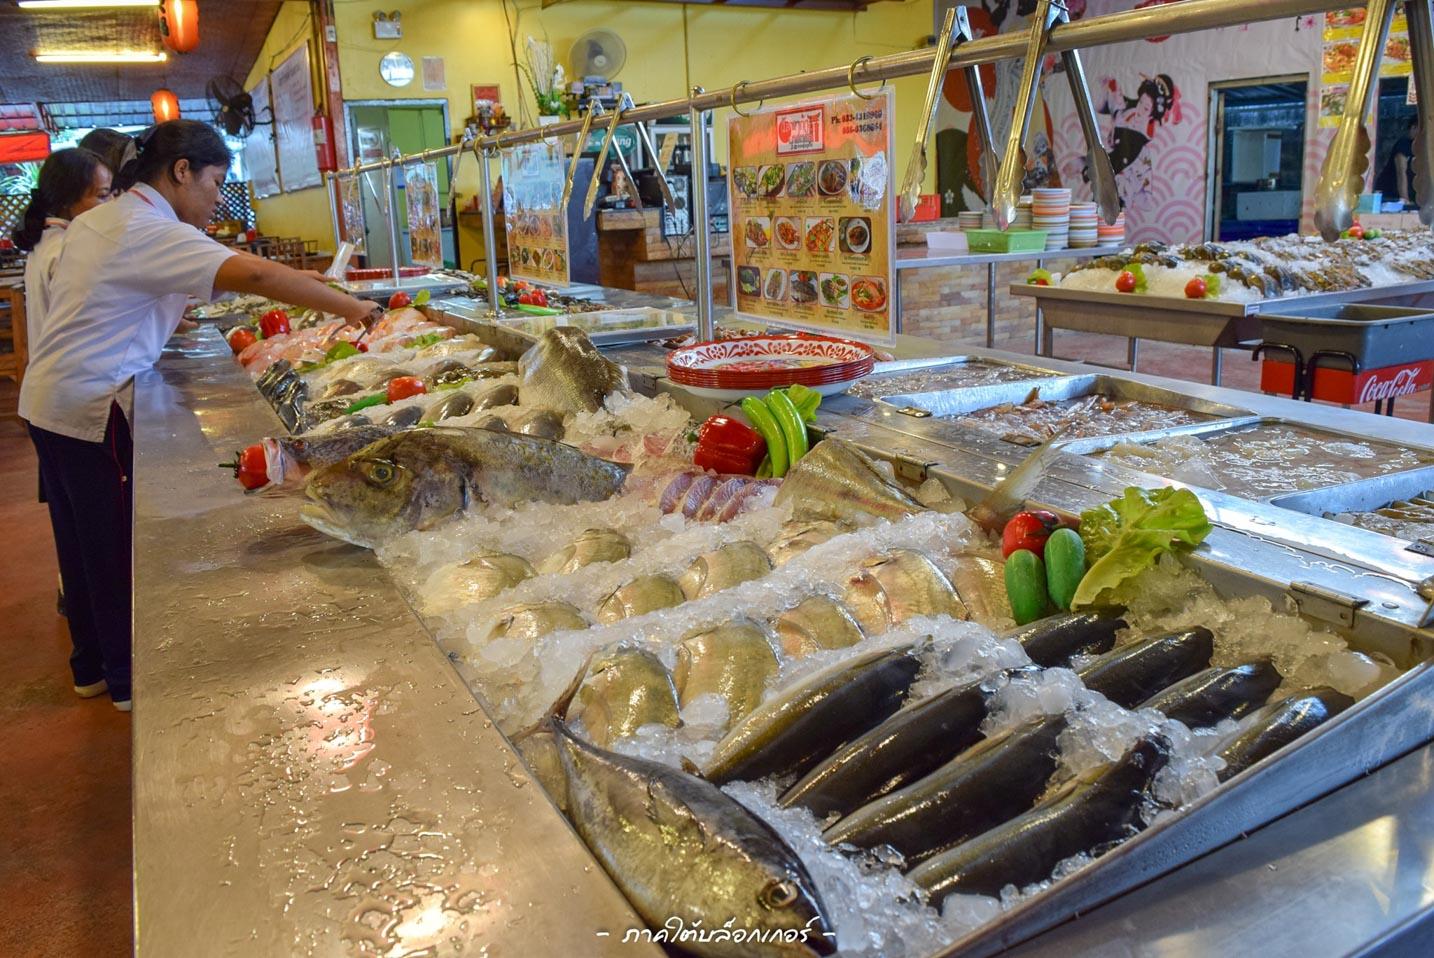 โอซาก้า บุฟเฟ่ต์ ทะเลเผา ภูเก็ต ที่สุดแห่งร้านอาหารทะเลกินไม่อั้น นครศรีดีย์